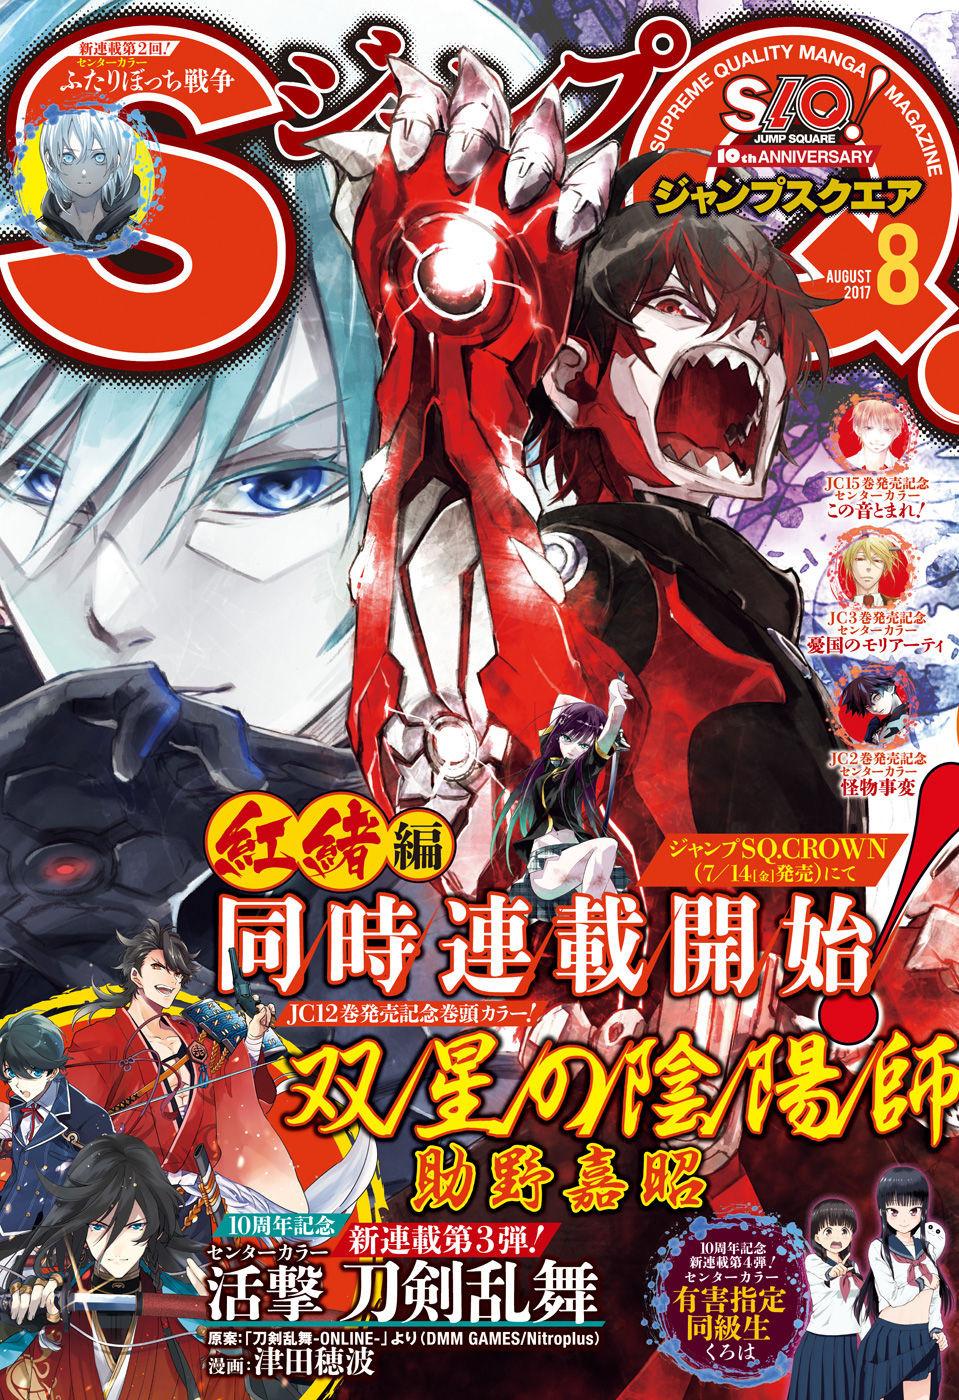 Sousei-no-Onmyouji Chapter 45 Page 1